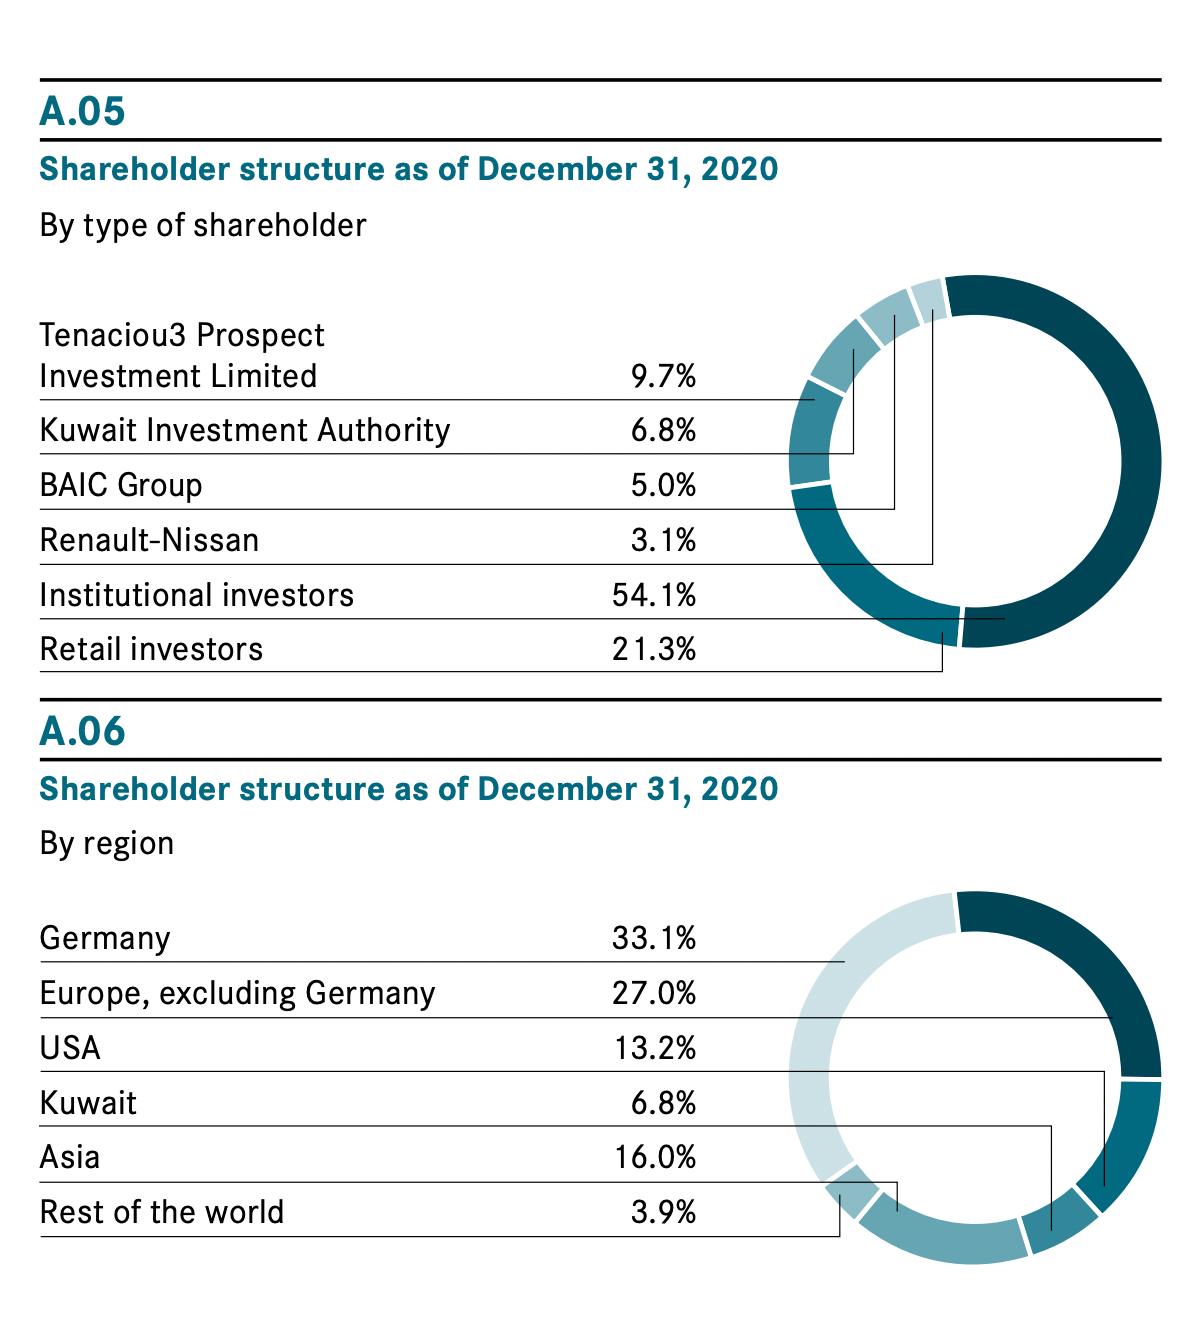 Структура владения компании в процентах от количества акций. Источник: годовой отчет компании, стр.24